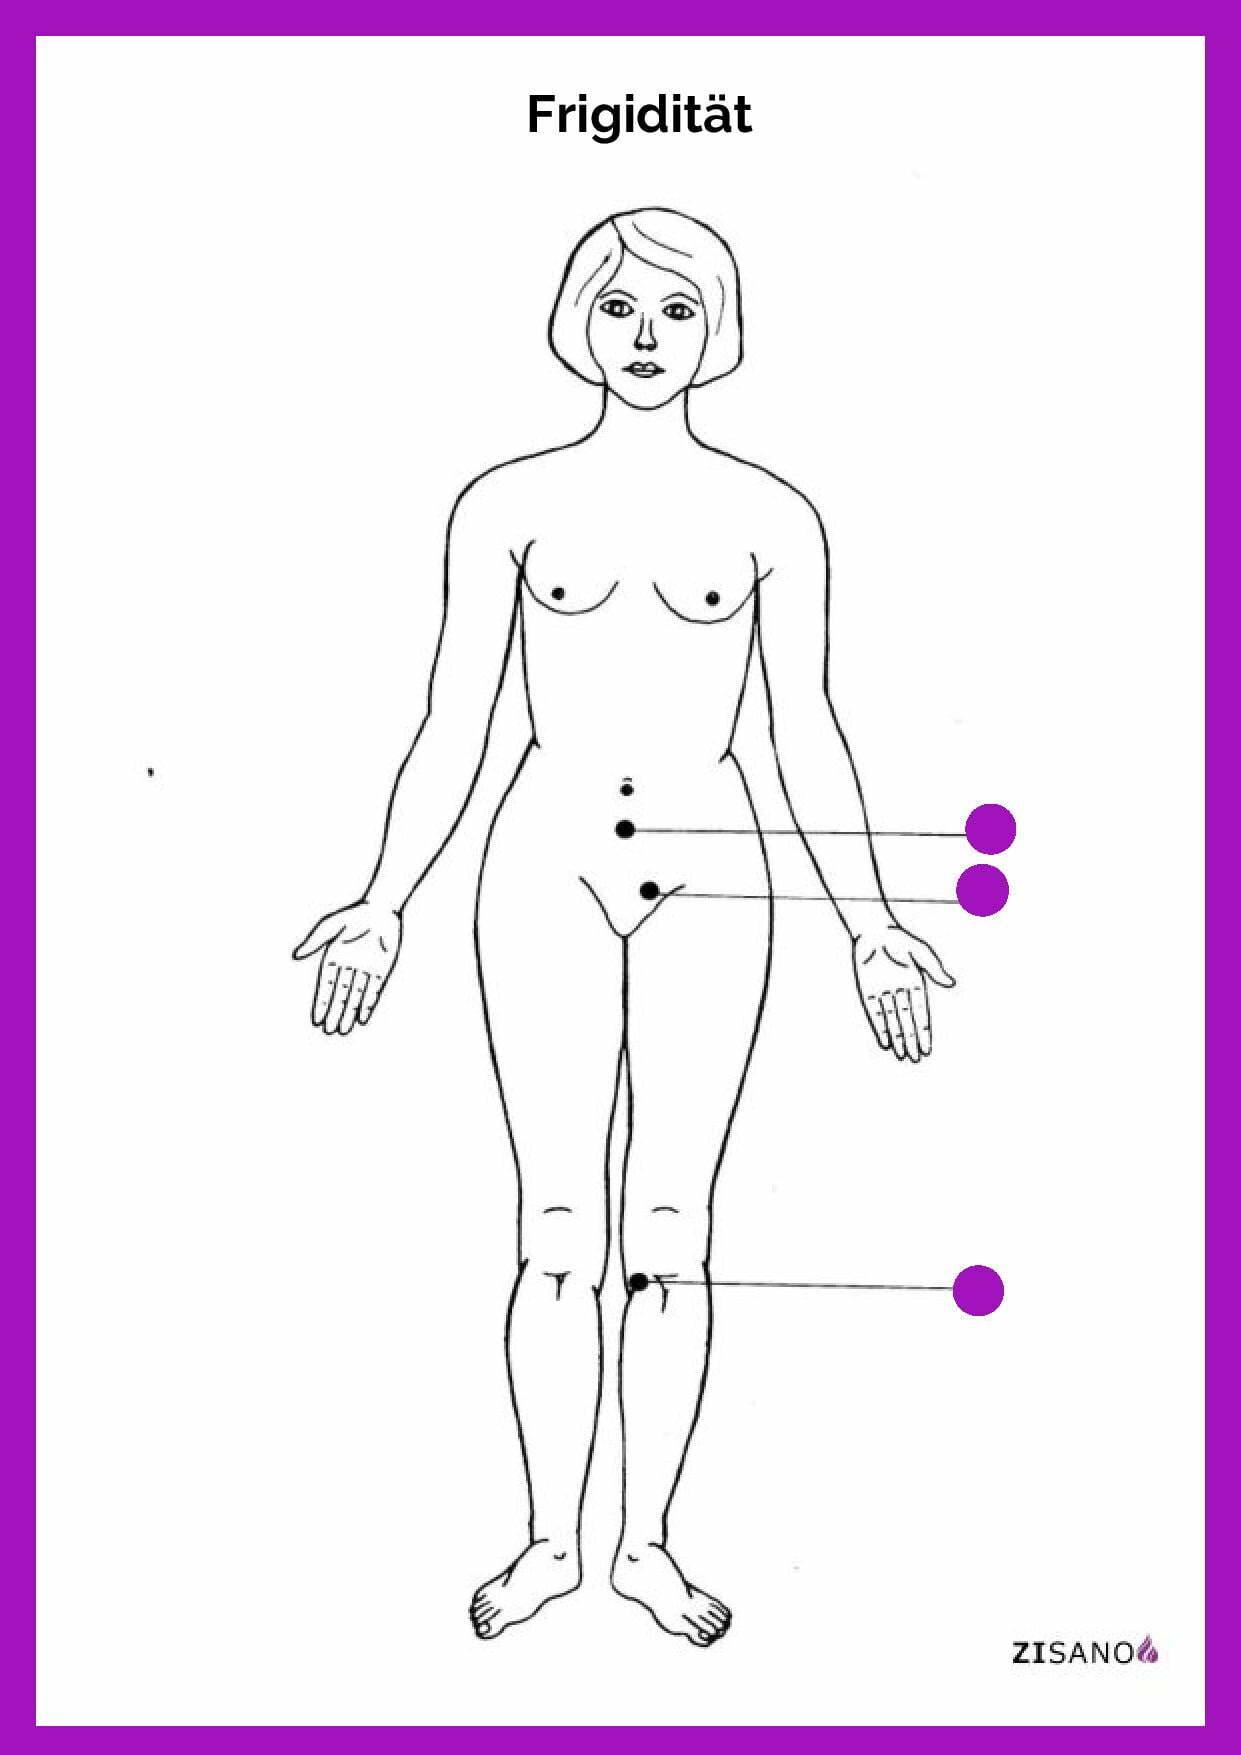 Meridiane - Frigidität- Behandlung